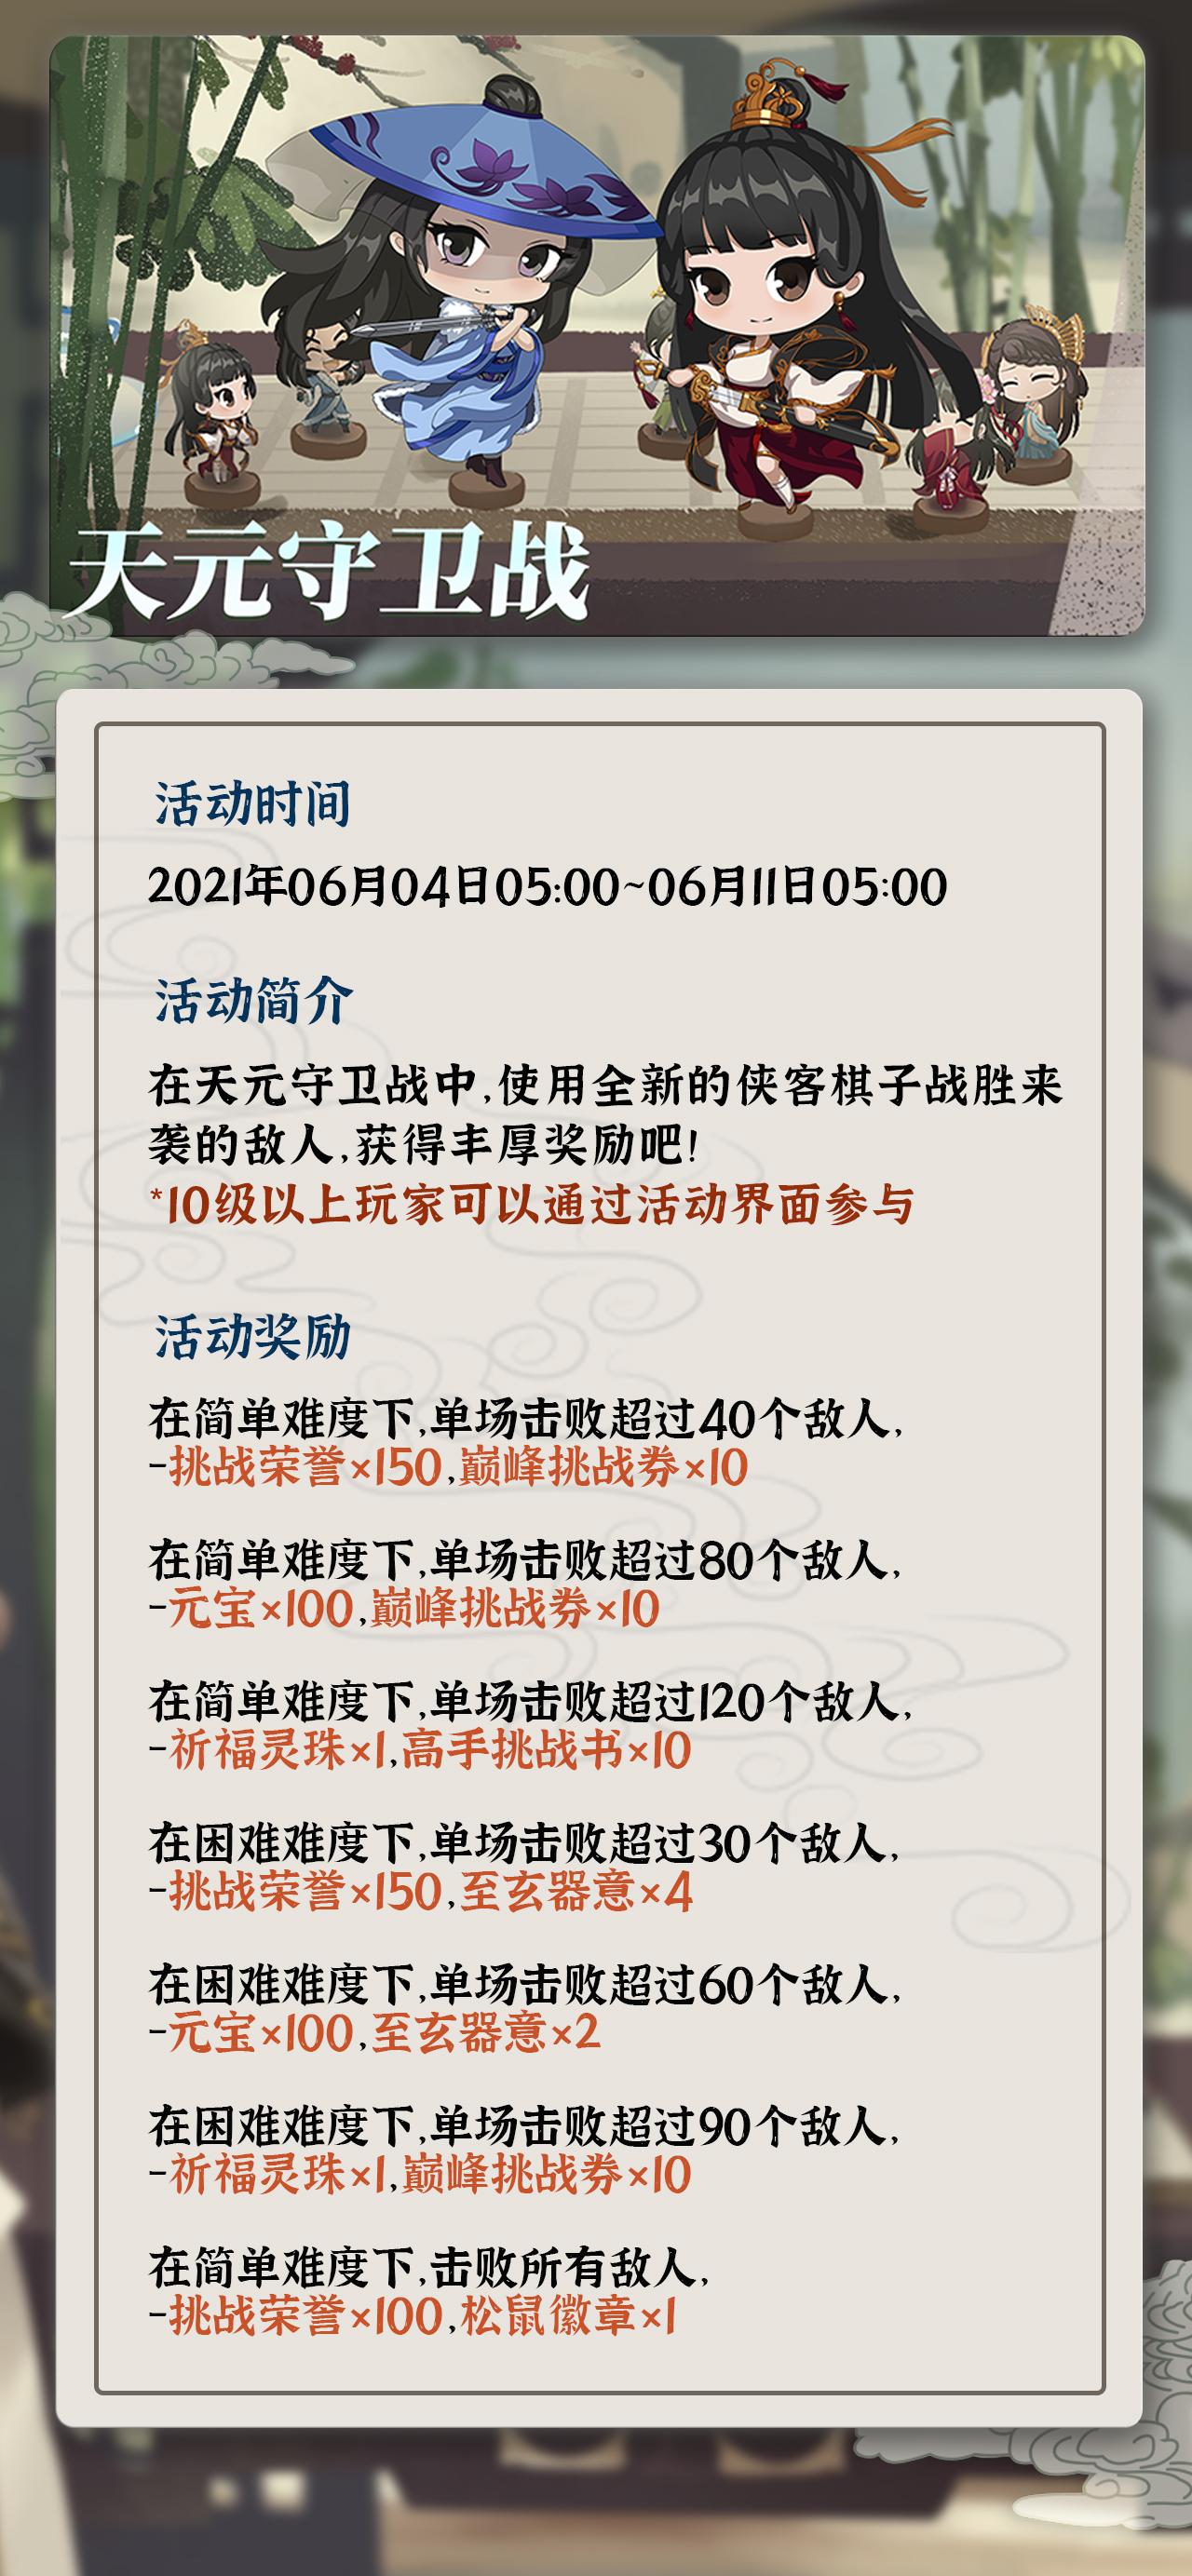 【汉家江湖】天元守卫战活动预告